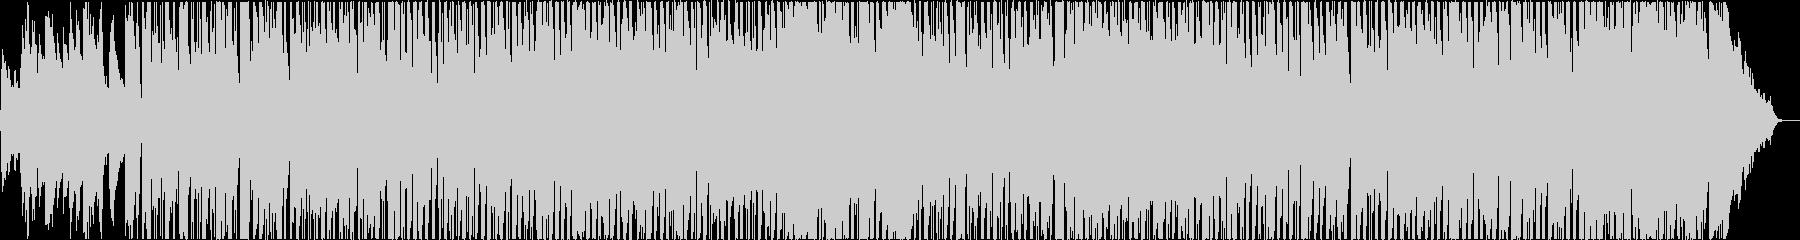 アンニュイな雰囲気のフレンチボサ2の未再生の波形